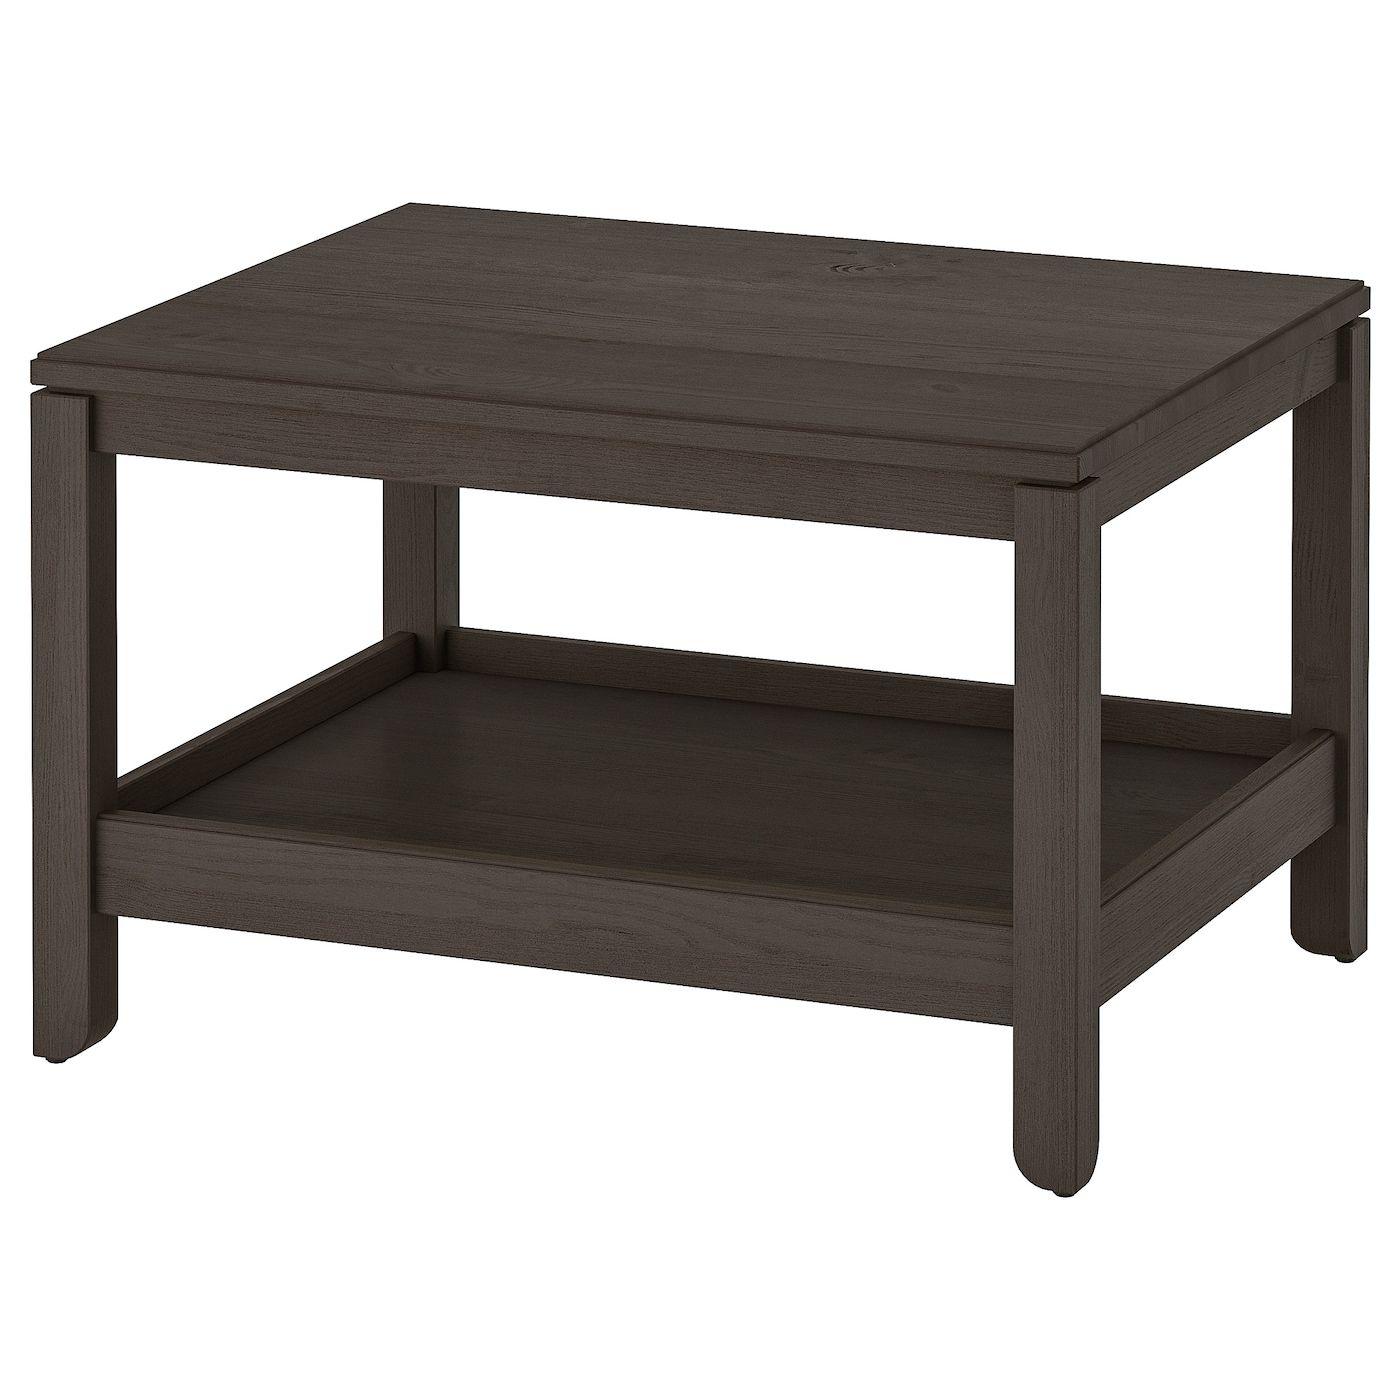 Havsta Couchtisch Dunkelbraun Ikea Osterreich Coffee Table Ikea Solid Pine [ 1400 x 1400 Pixel ]